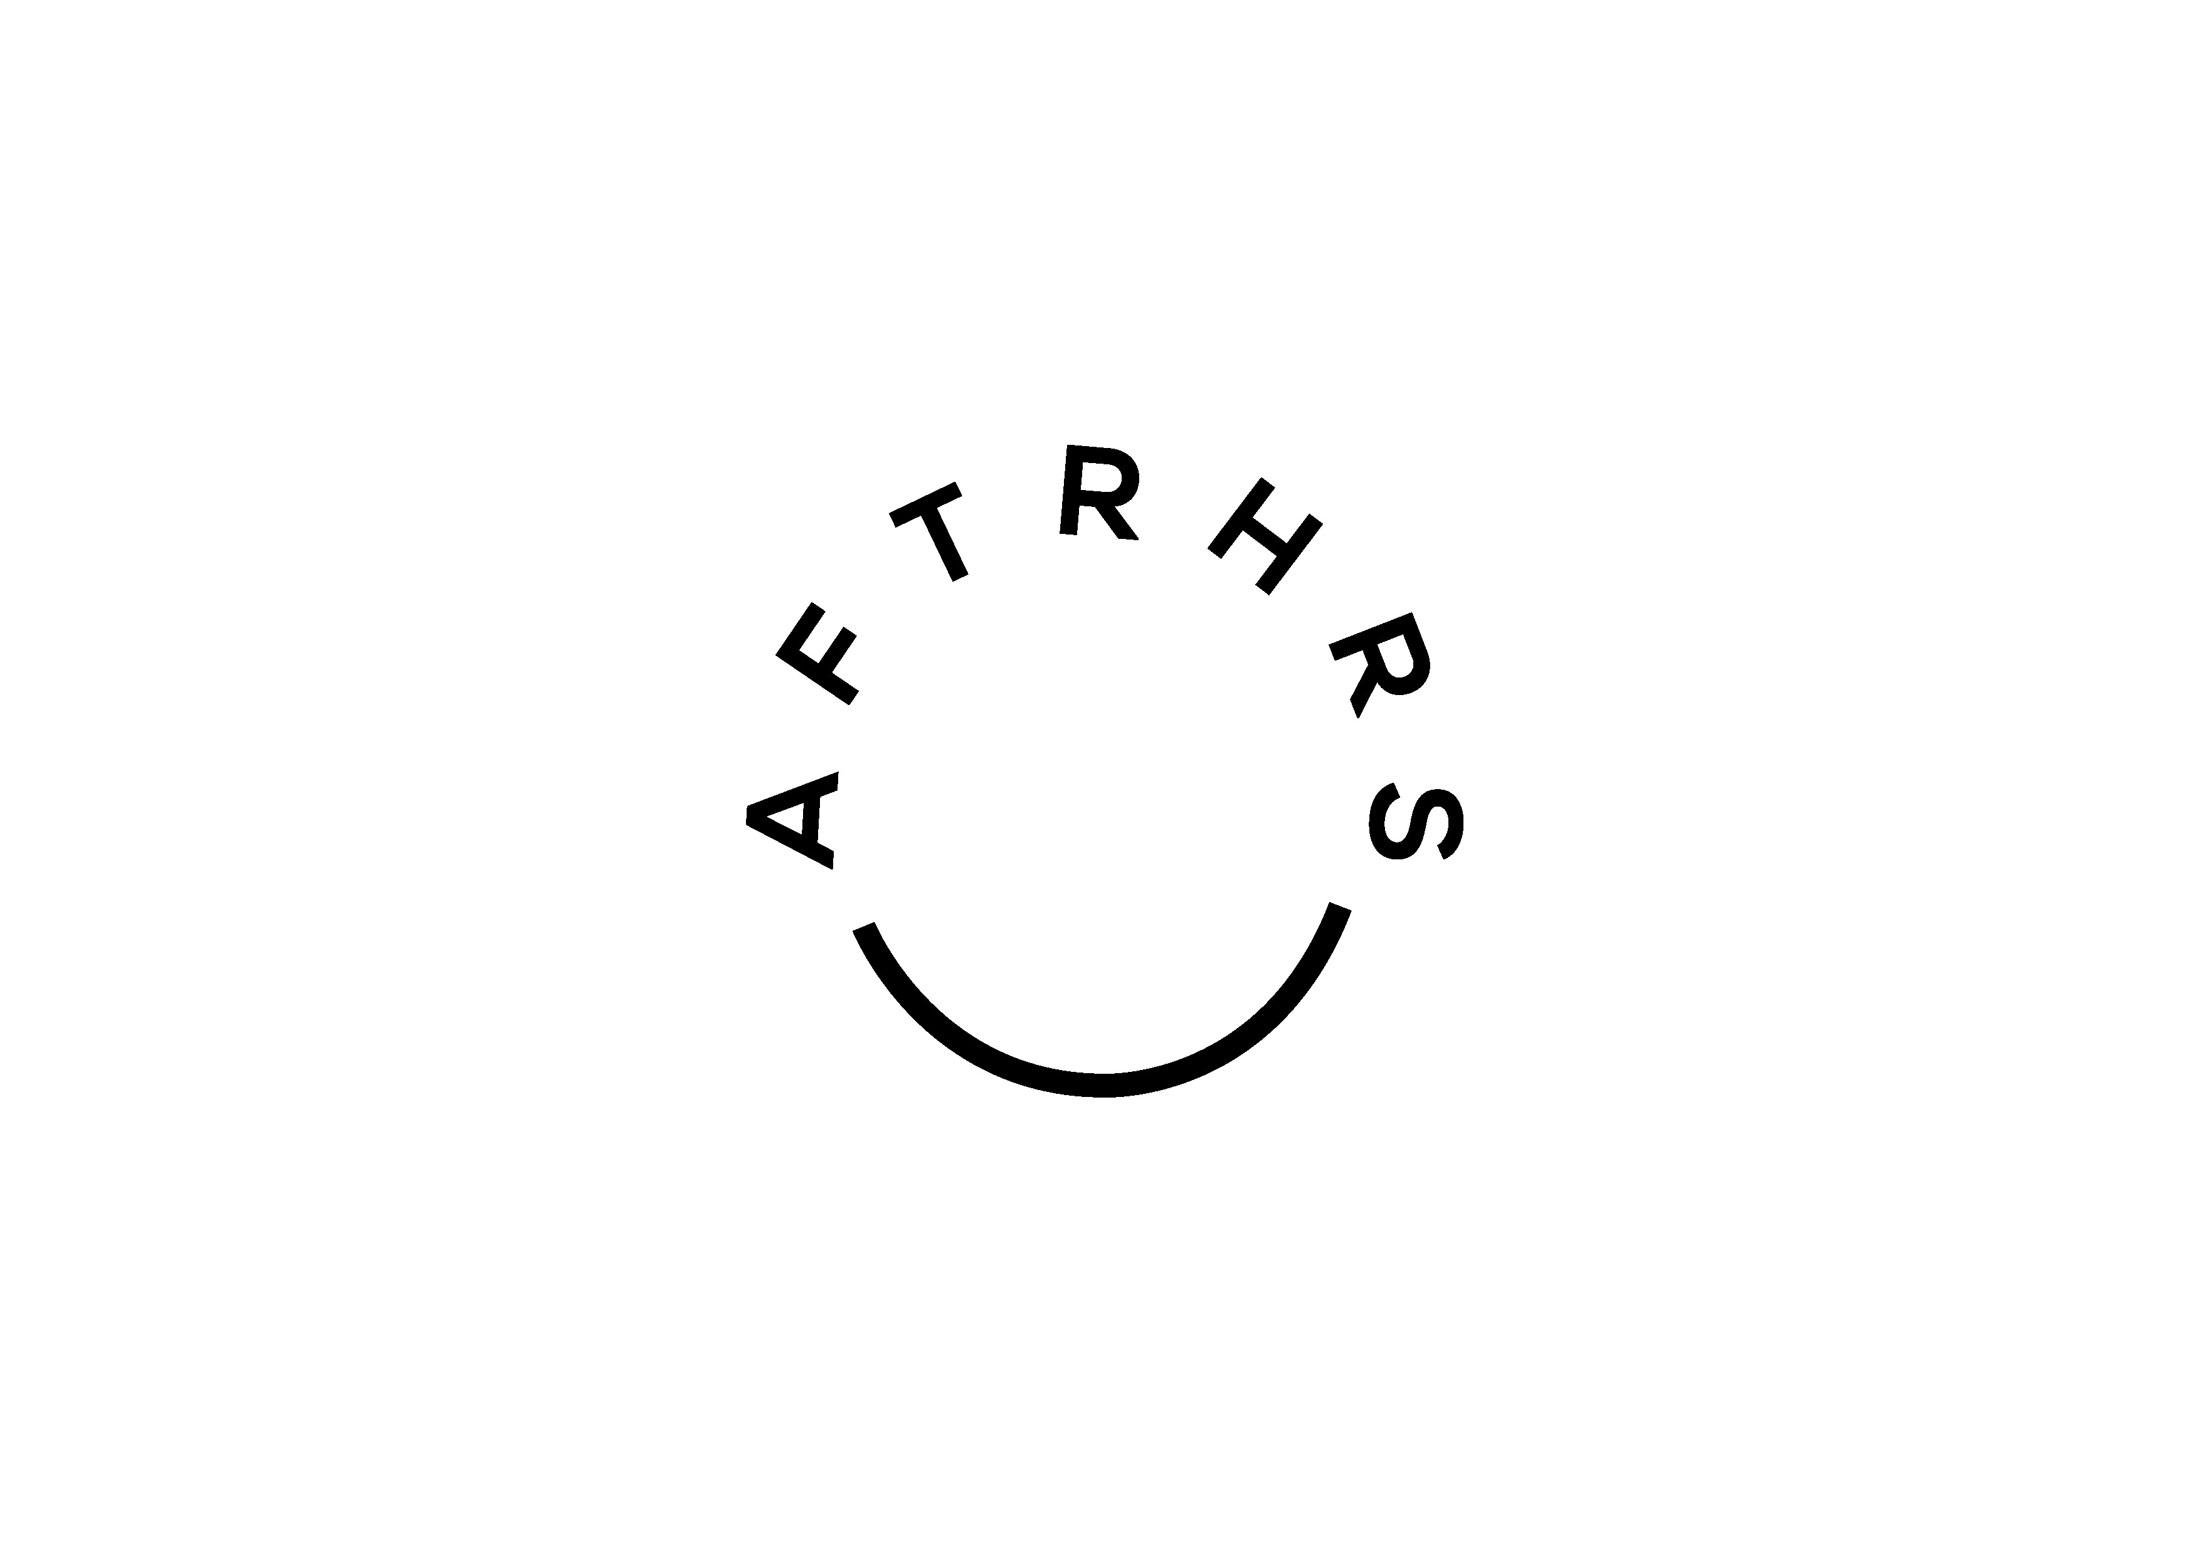 afthrs-logo-nikolas-wrobel2